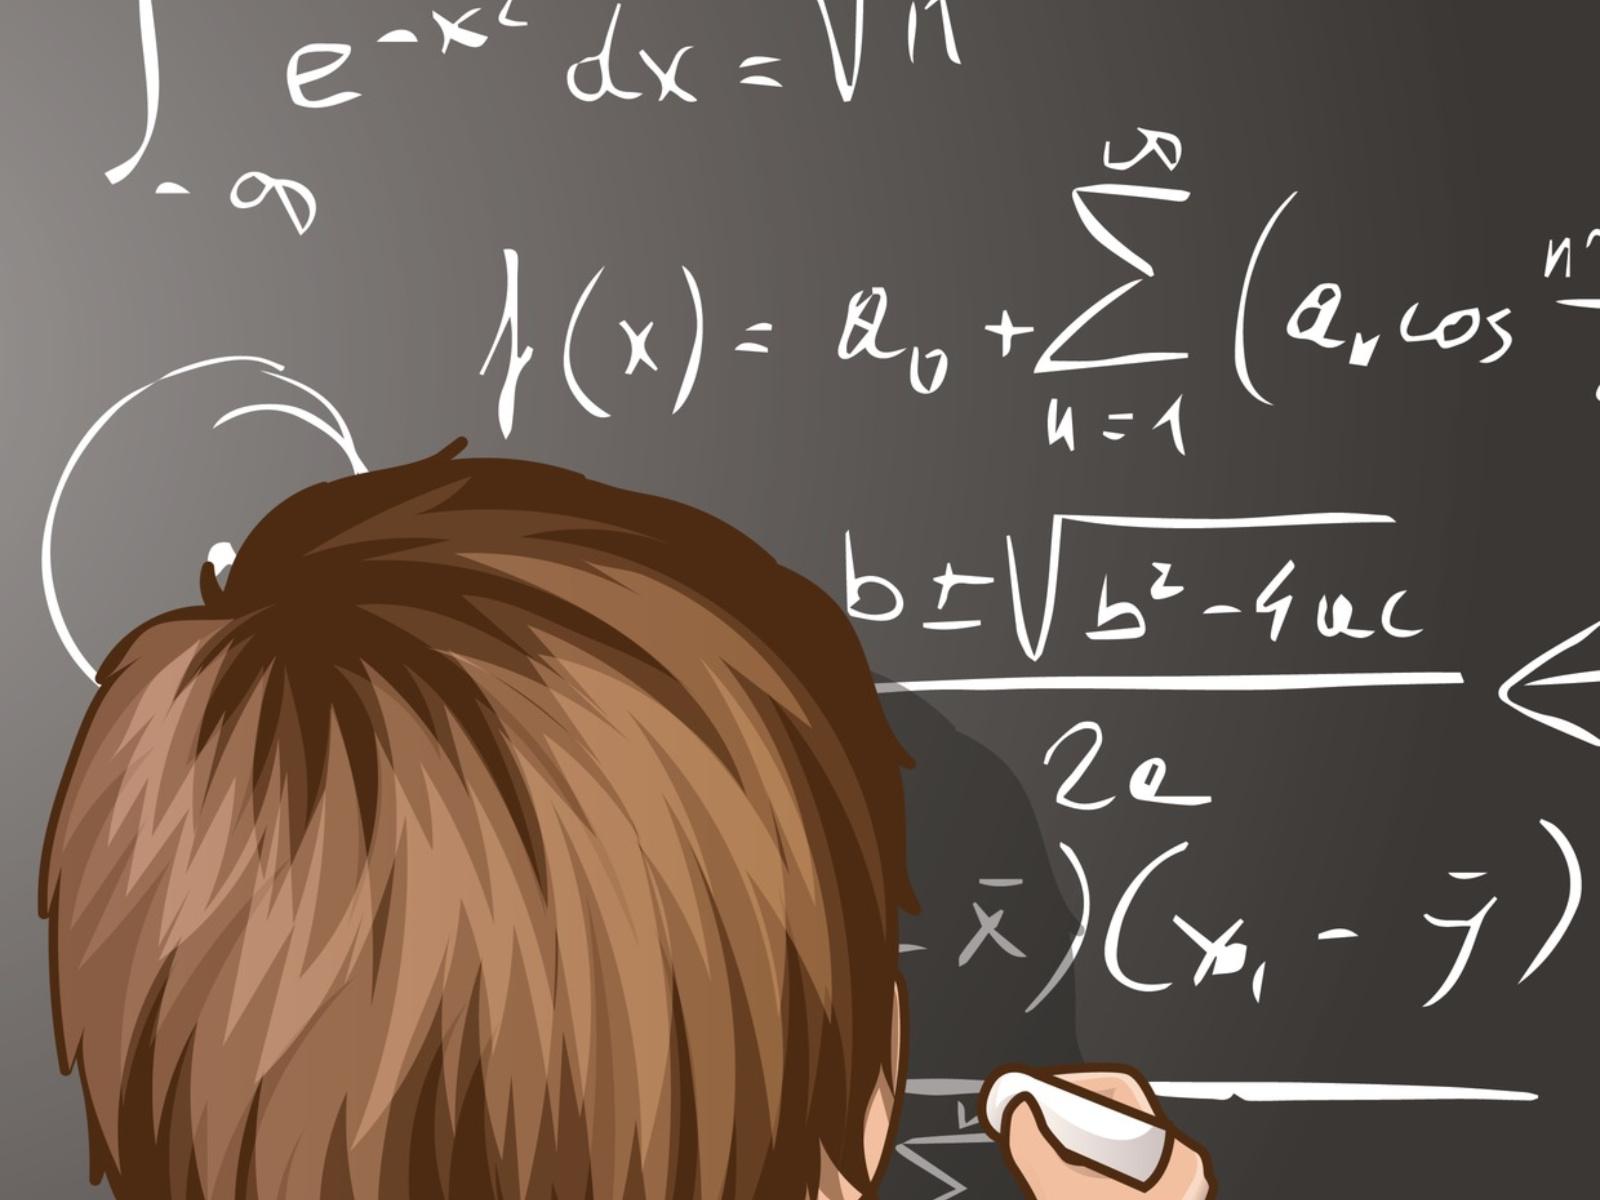 第161話|データ分析・活用と数理統計学的な厳密性との狭間で